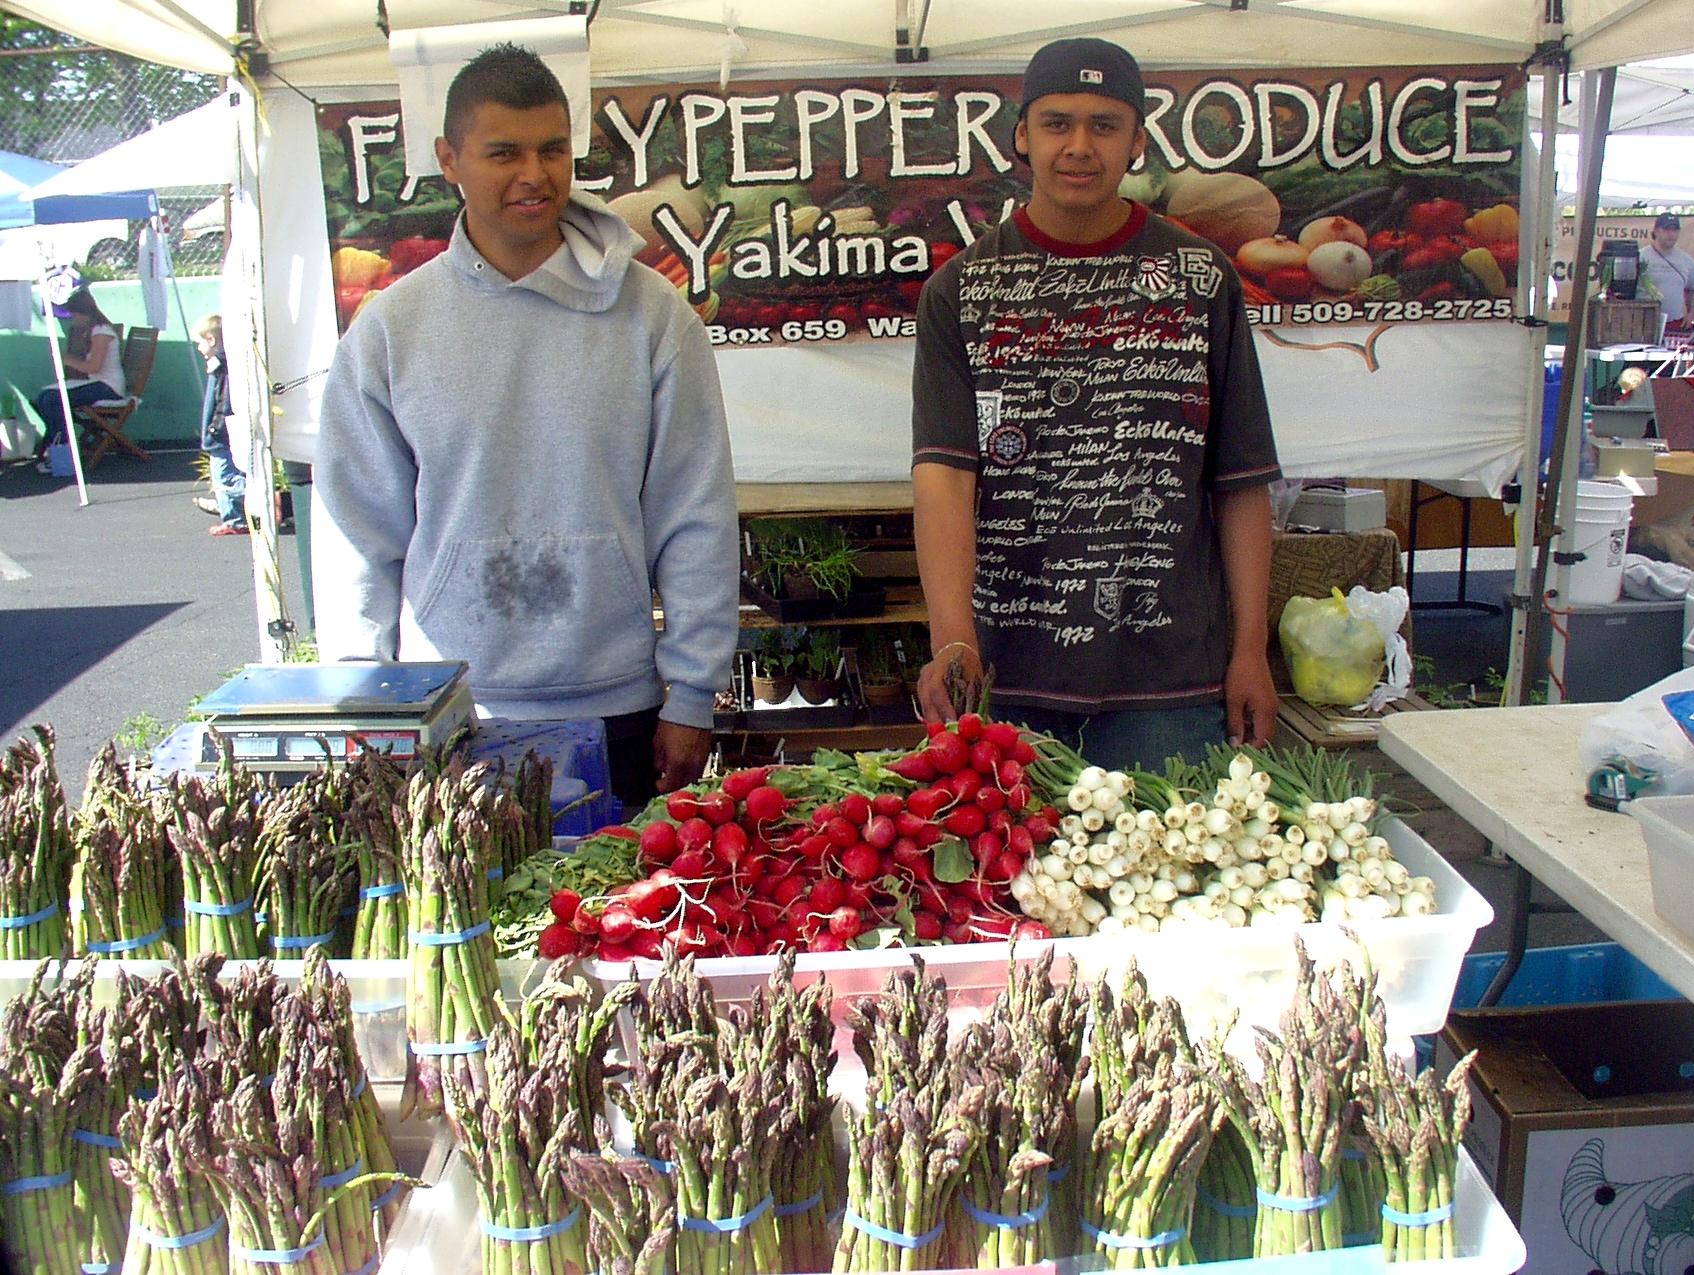 Family Pepper Produce from Wapato at Madrona Farmers Market last Friday. Photo copyright 2009 by Zachary D. Lyons.